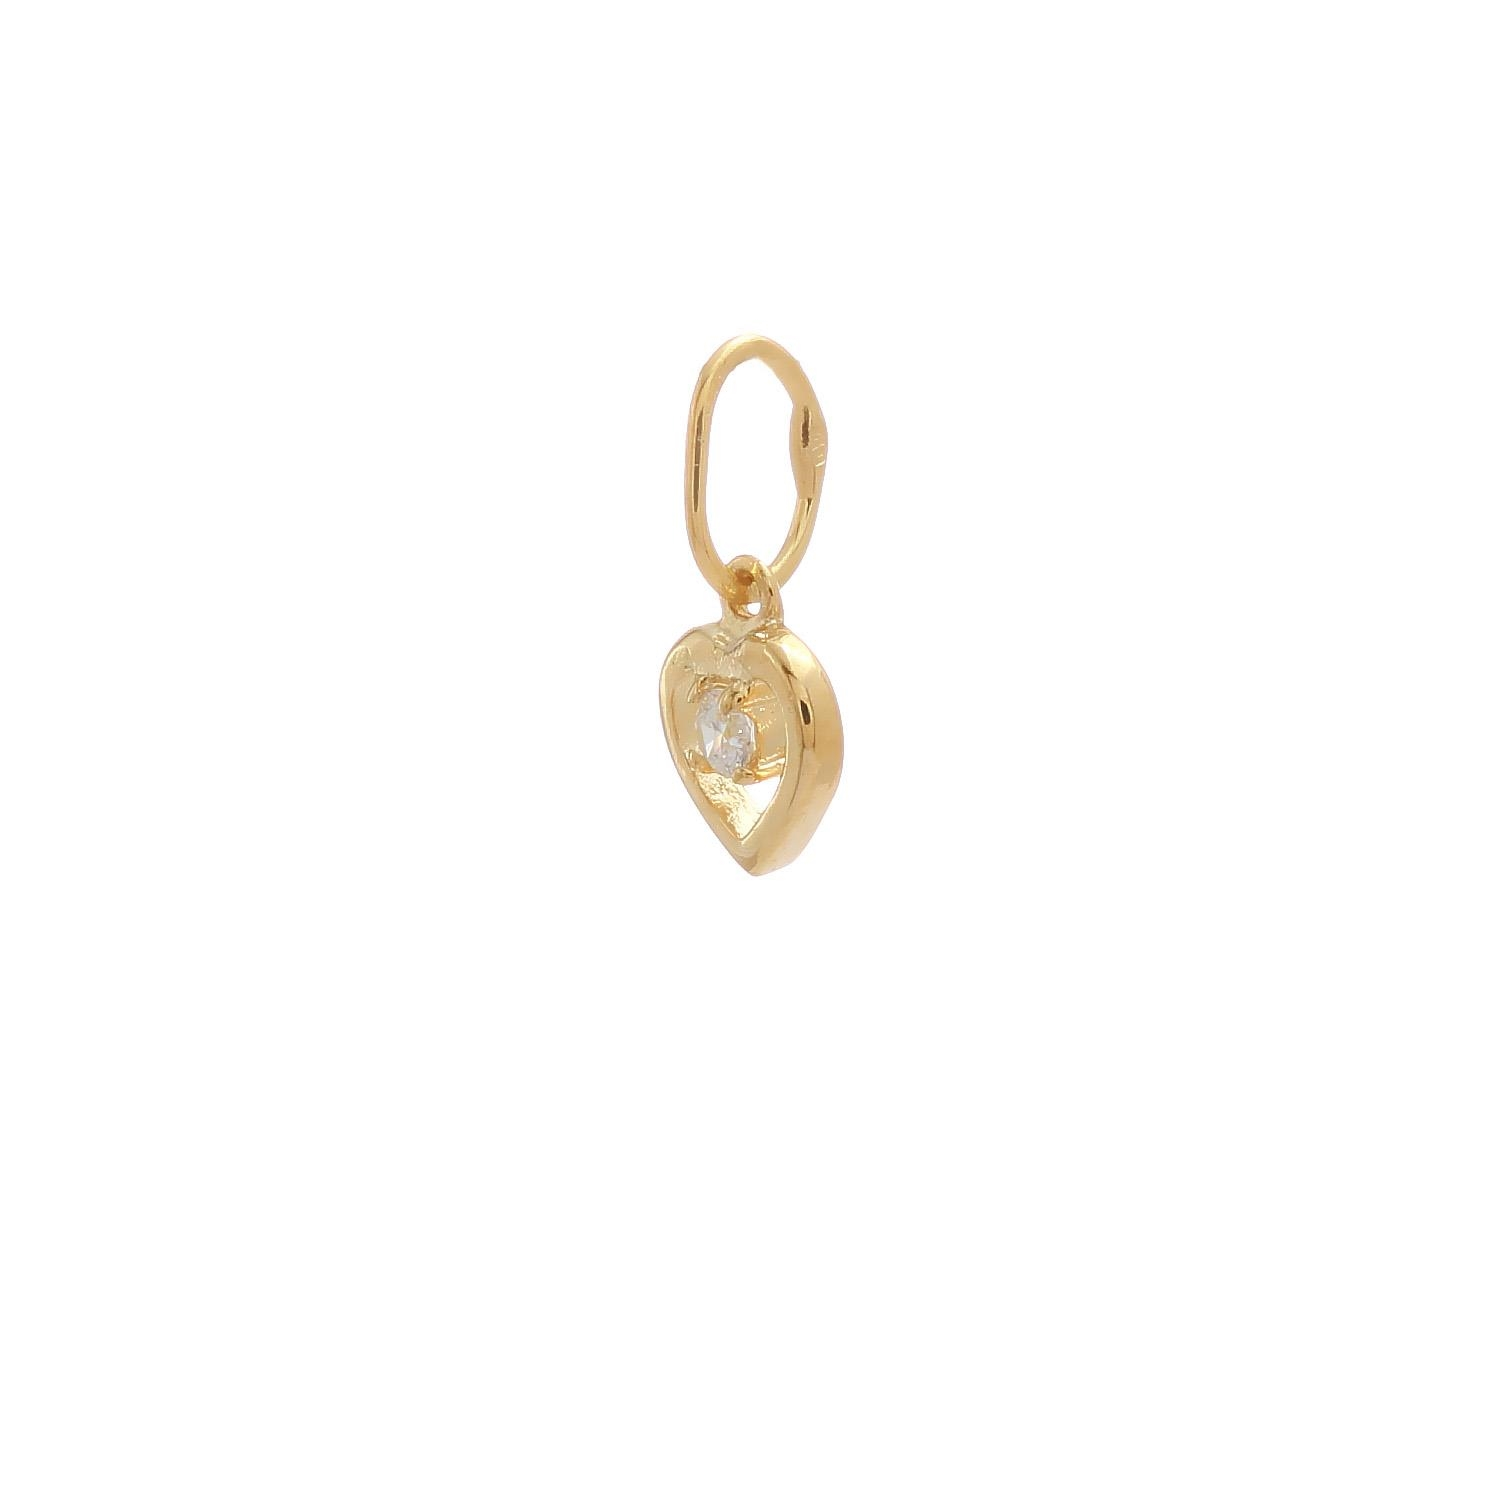 zlatý prívesok srdiečko so zirkónom zlatý prívesok srdiečko so zirkónom 1  ... 1a32a0d671c